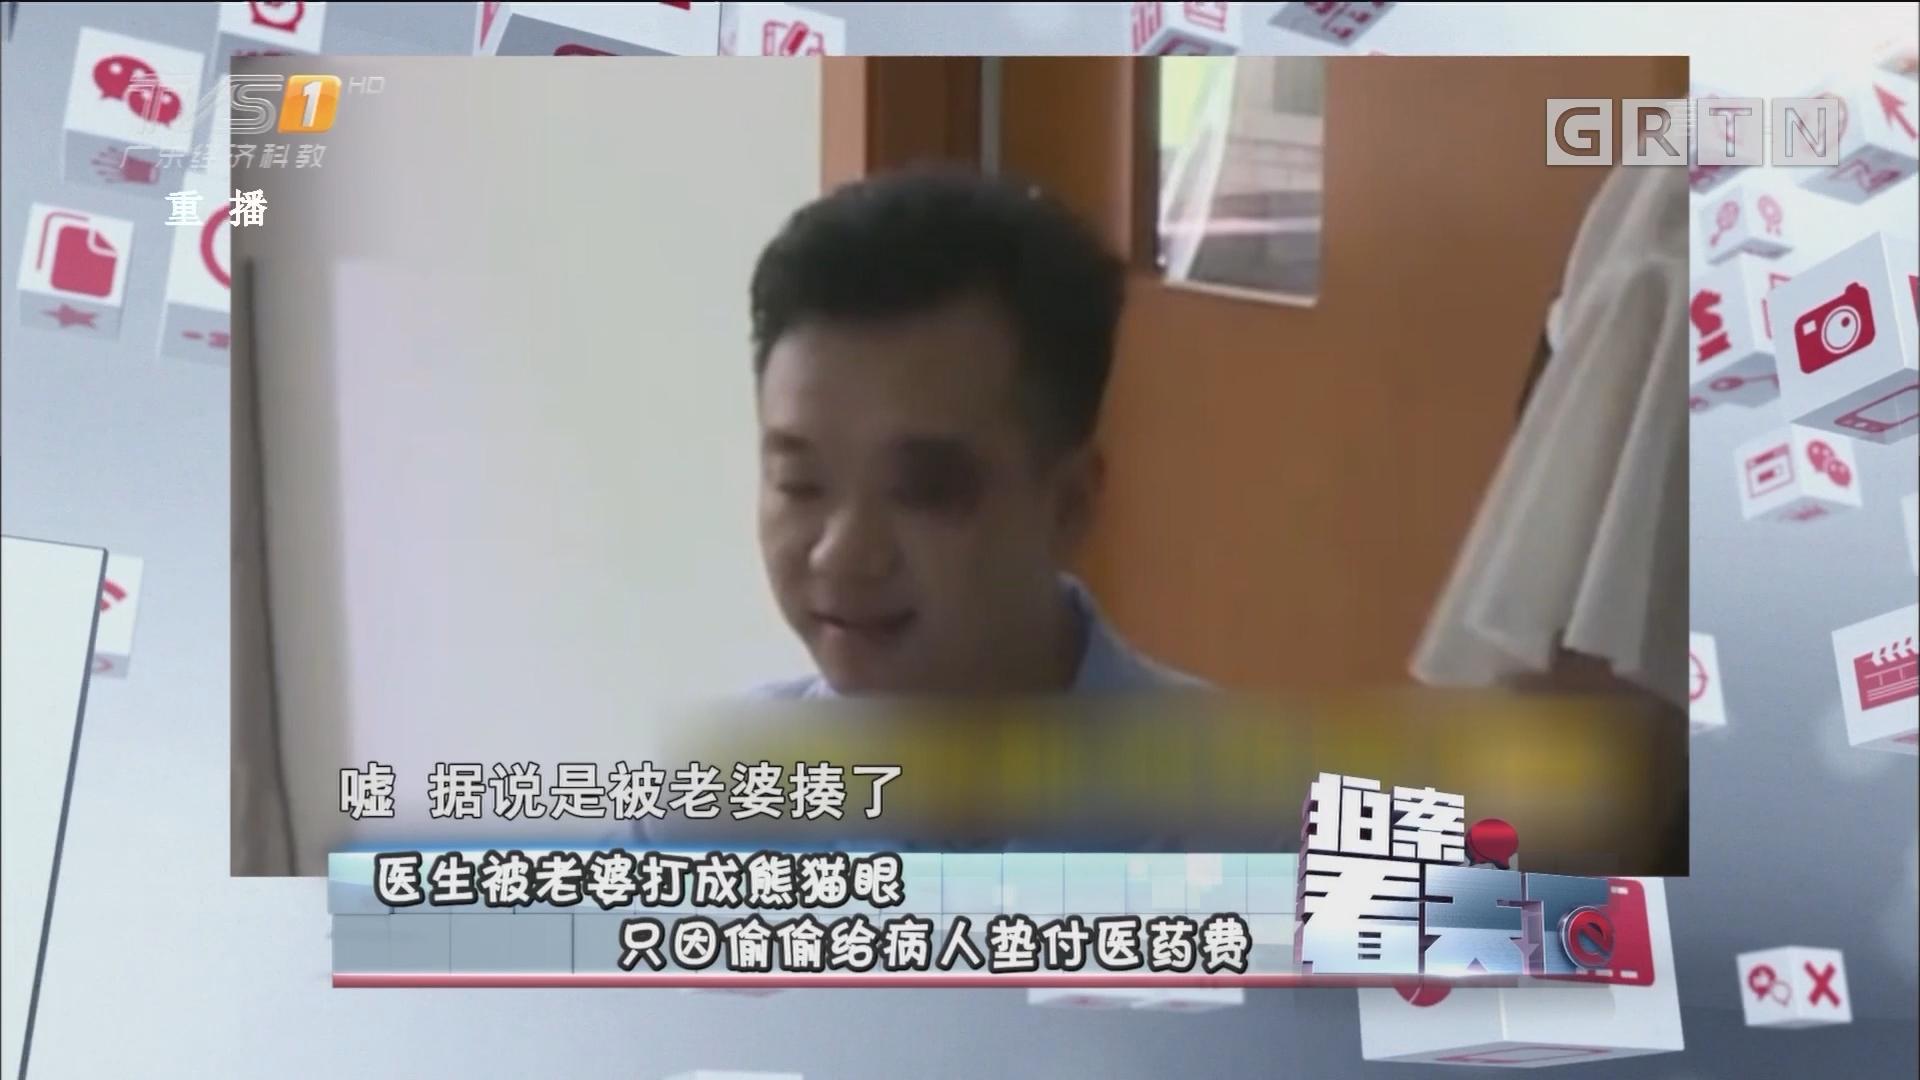 20170516《拍案看天下》医生被老婆打成熊猫眼 只因偷偷给病人垫付医药费